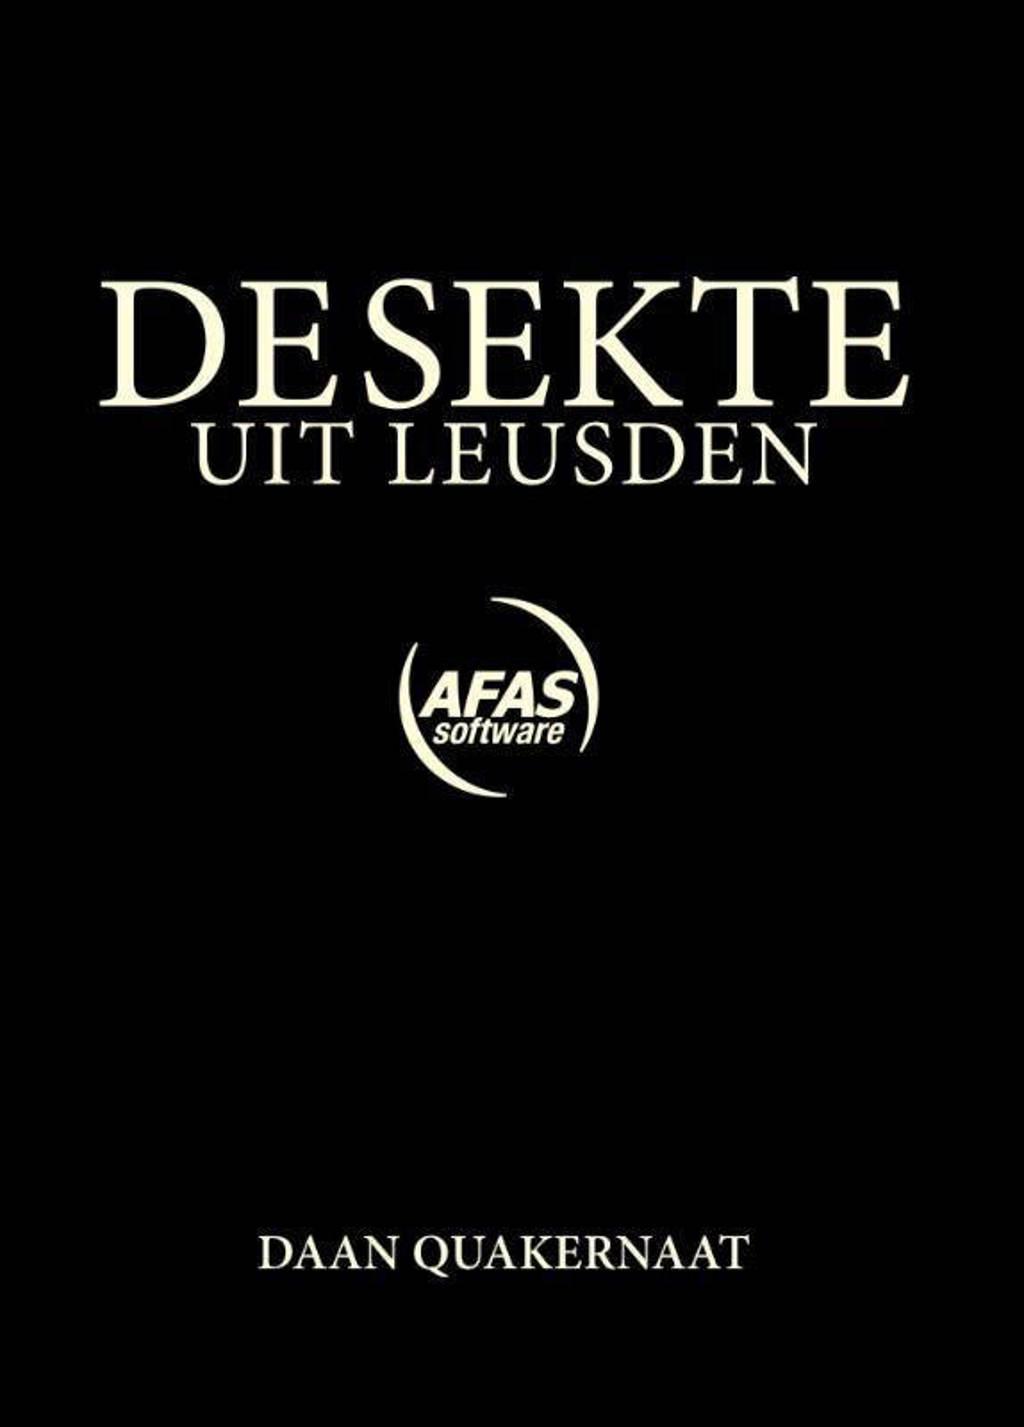 De sekte uit Leusden - Daan Quakernaat